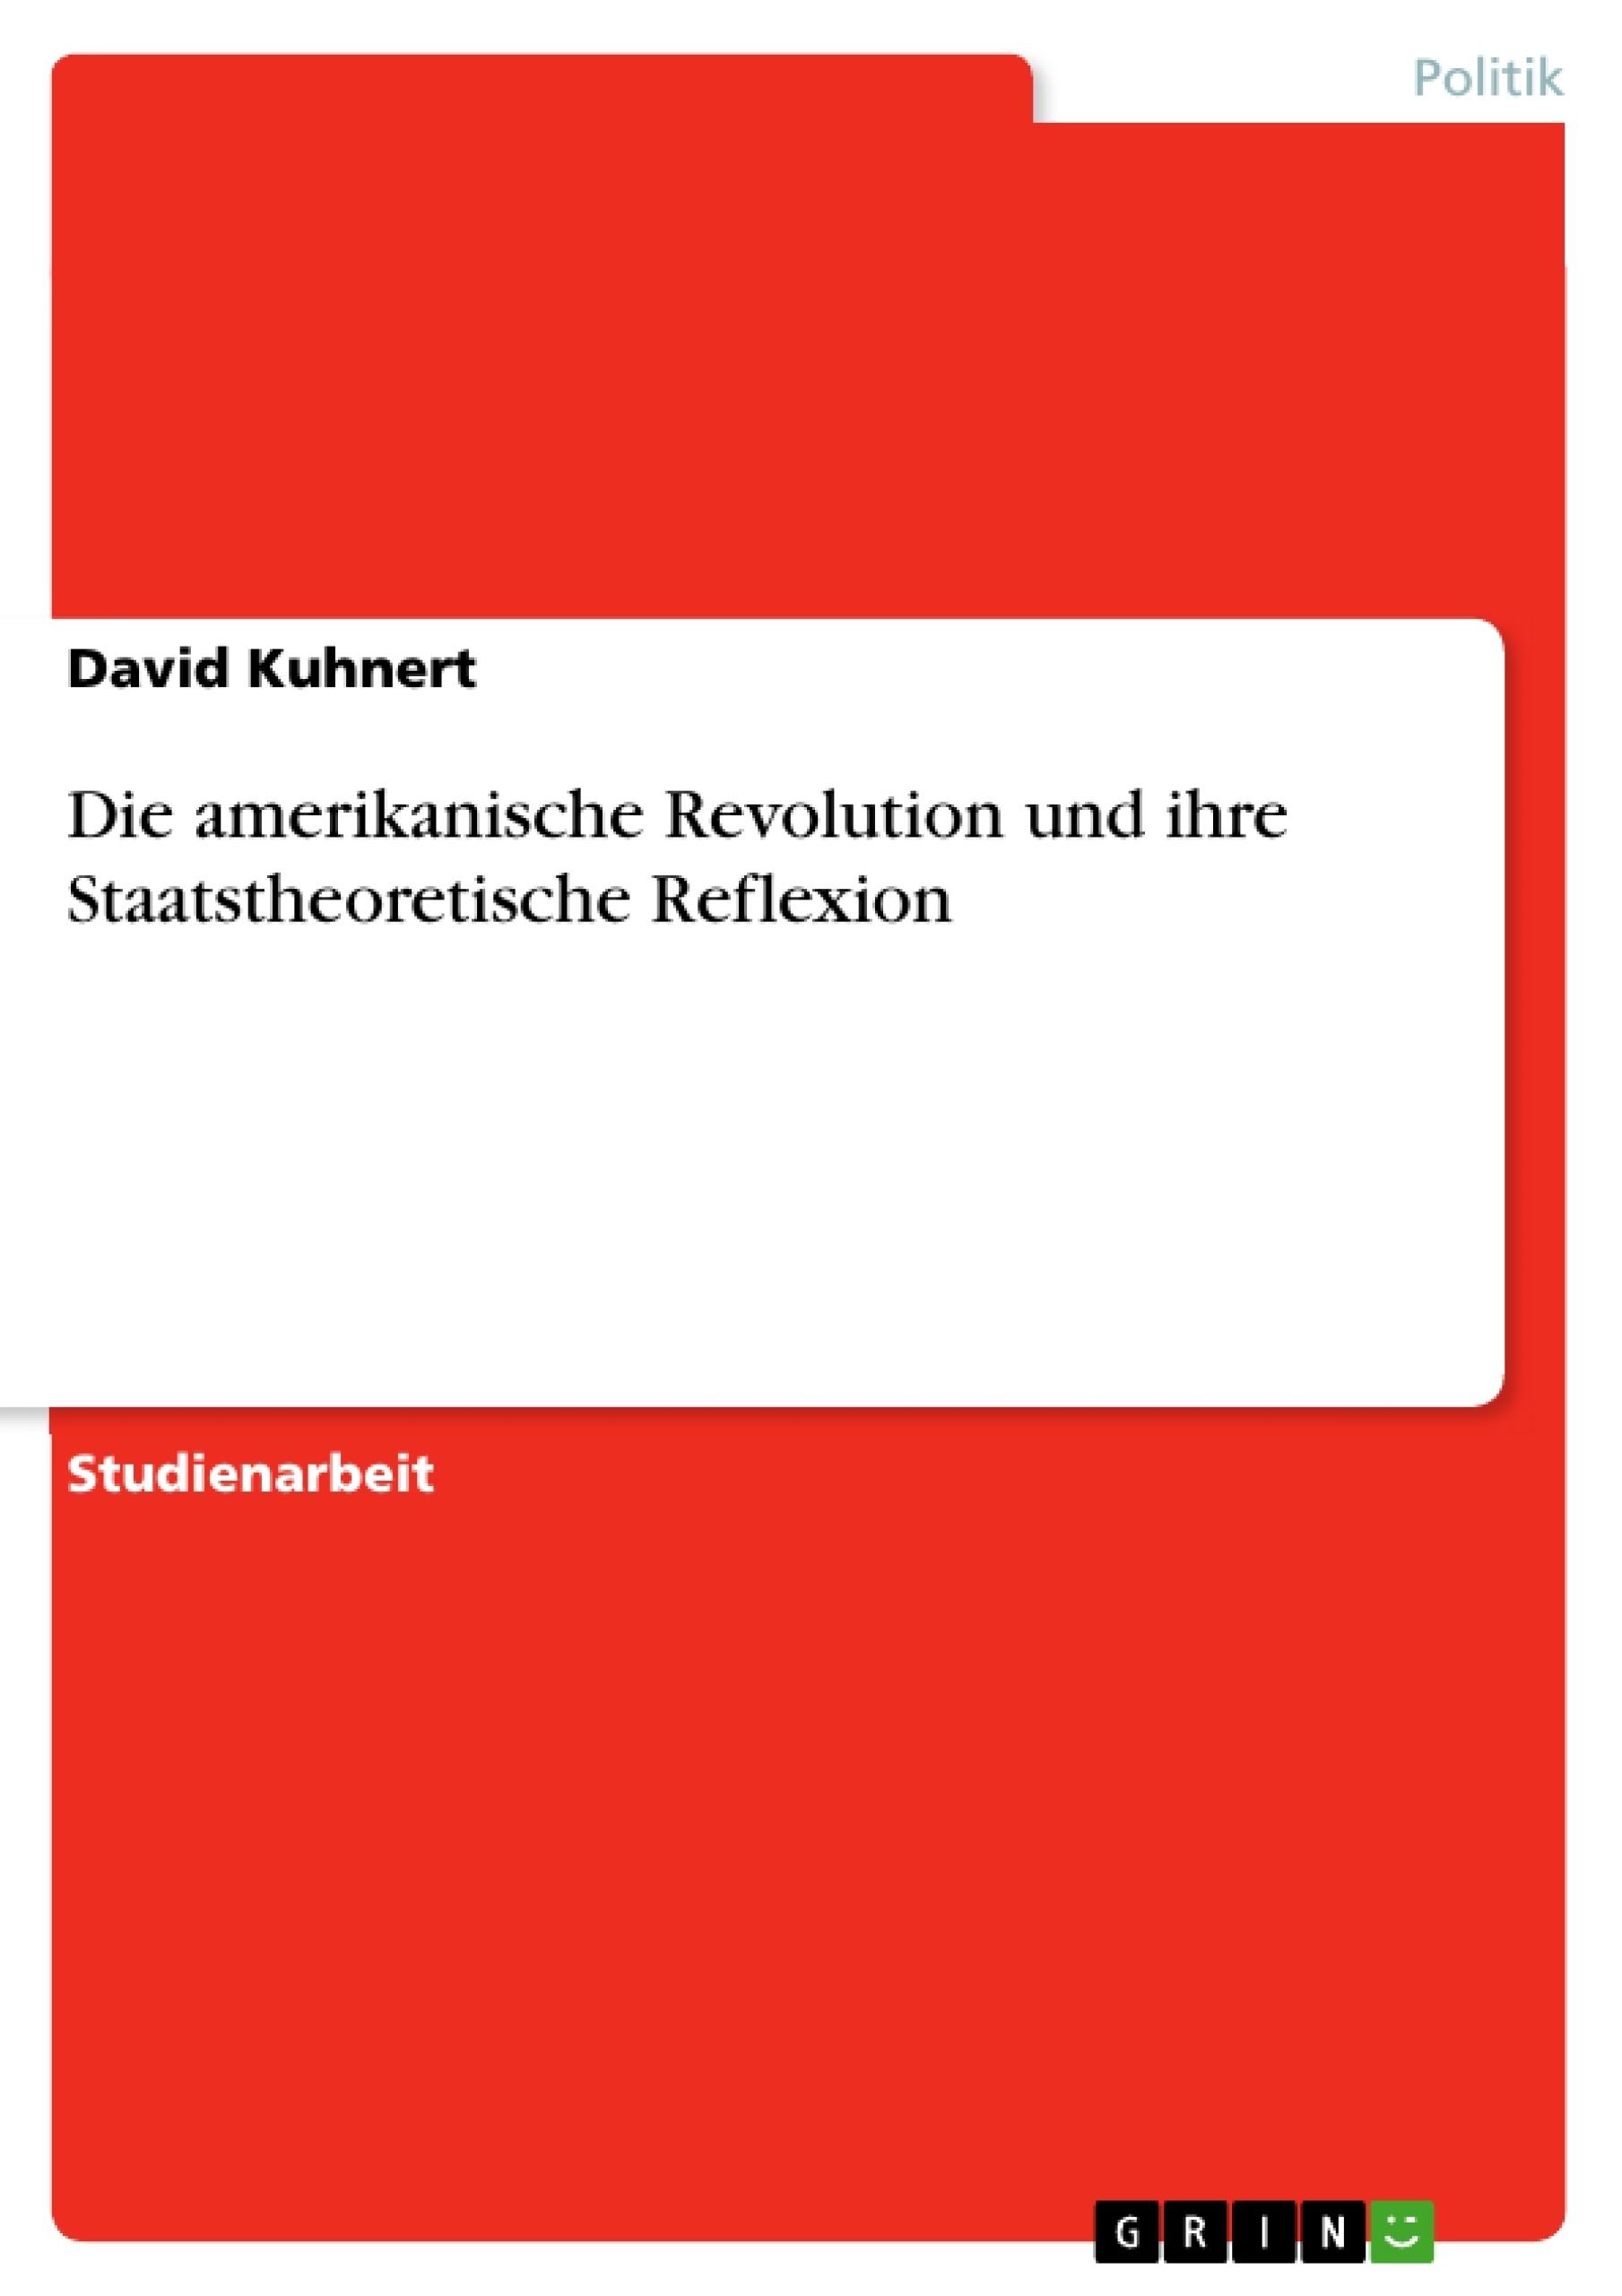 Titel: Die amerikanische Revolution und ihre Staatstheoretische Reflexion